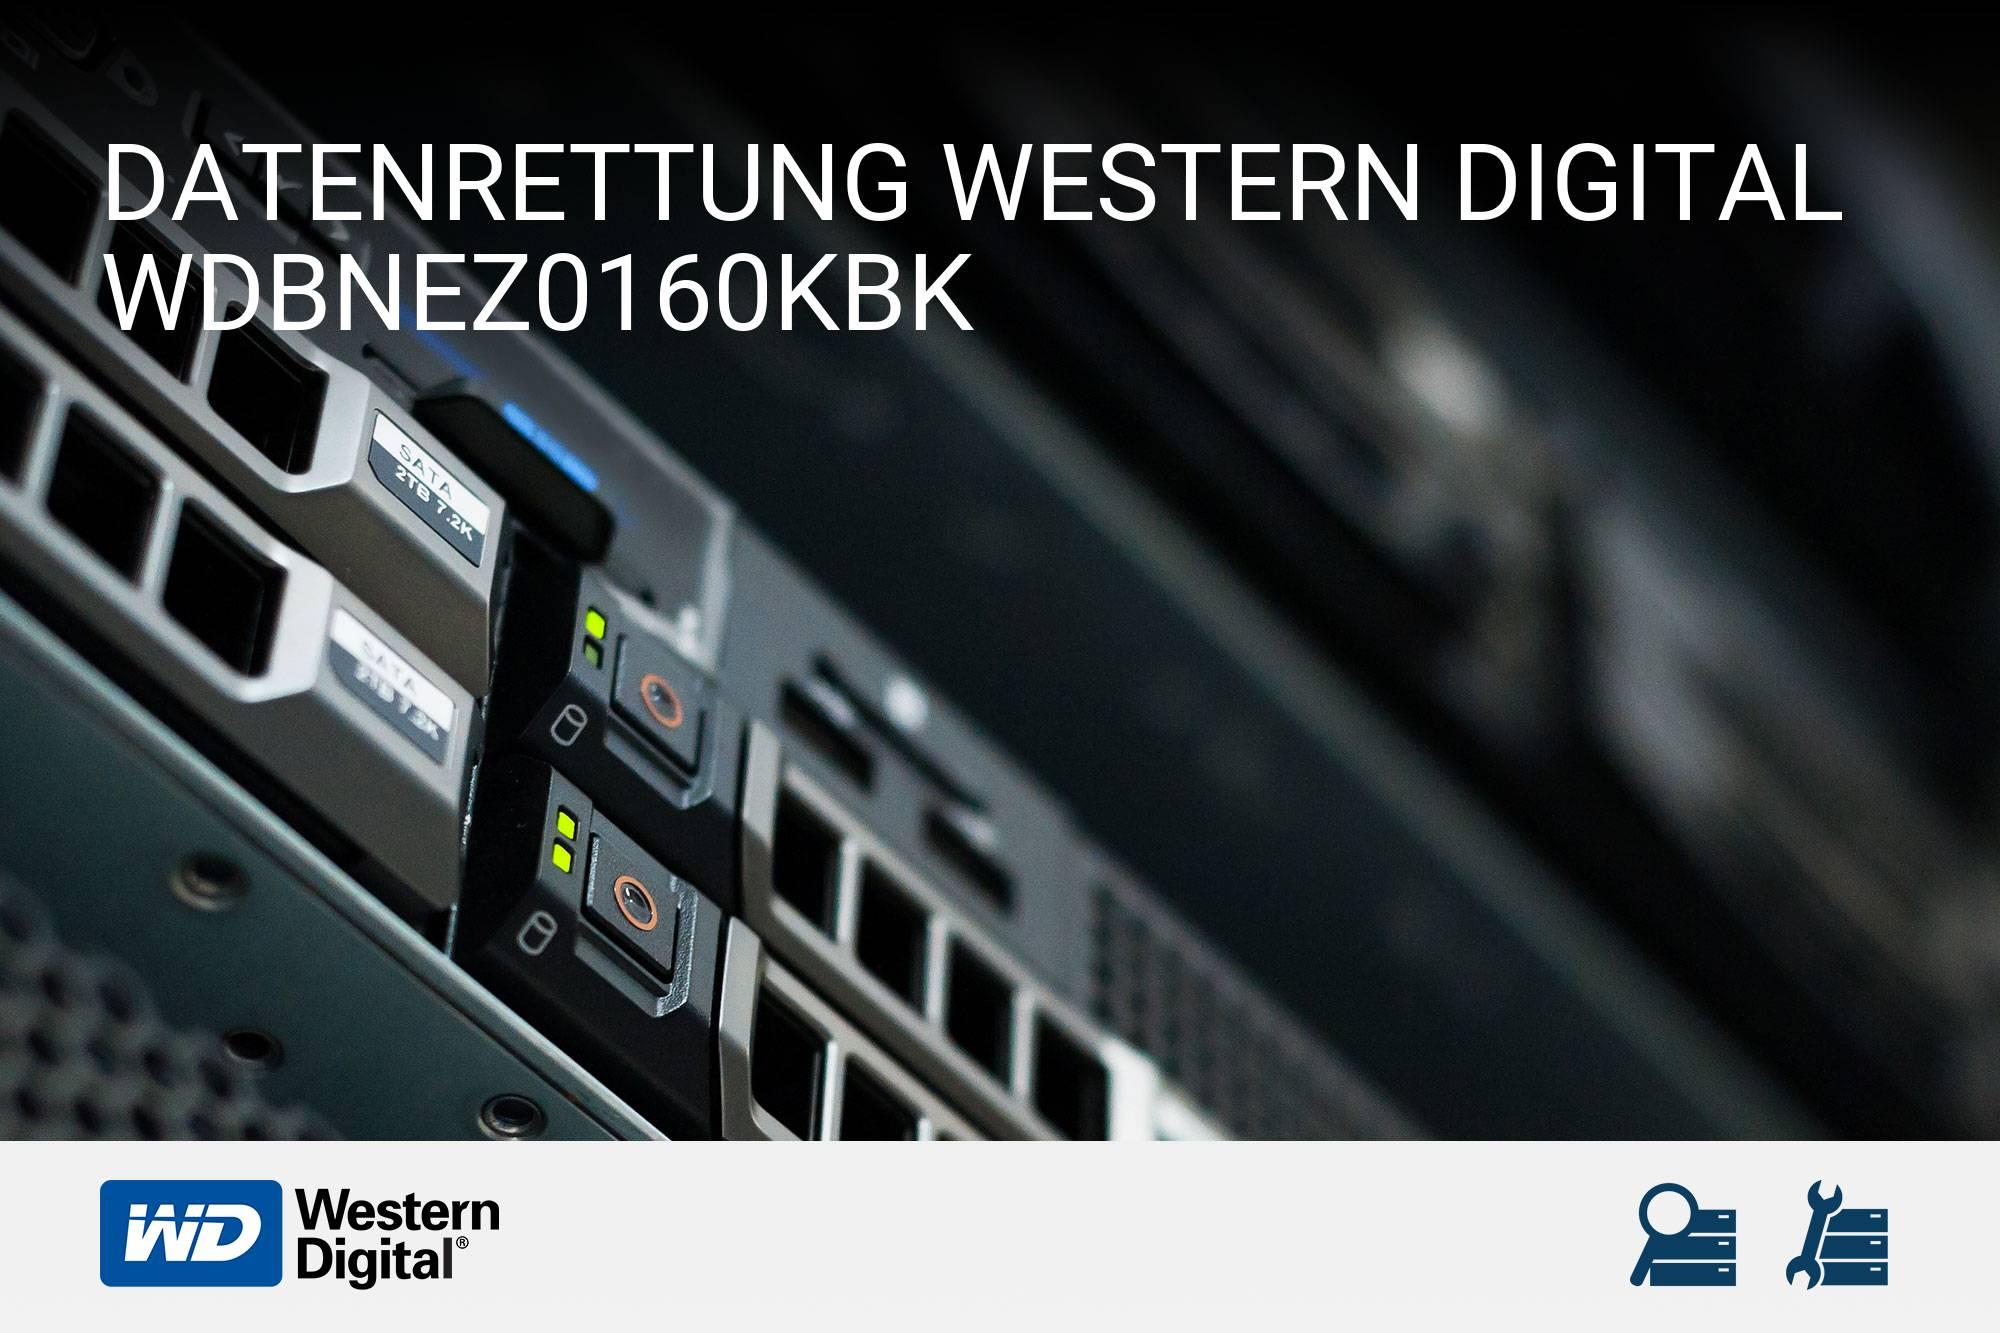 Western Digital WDBNEZ0160KBK